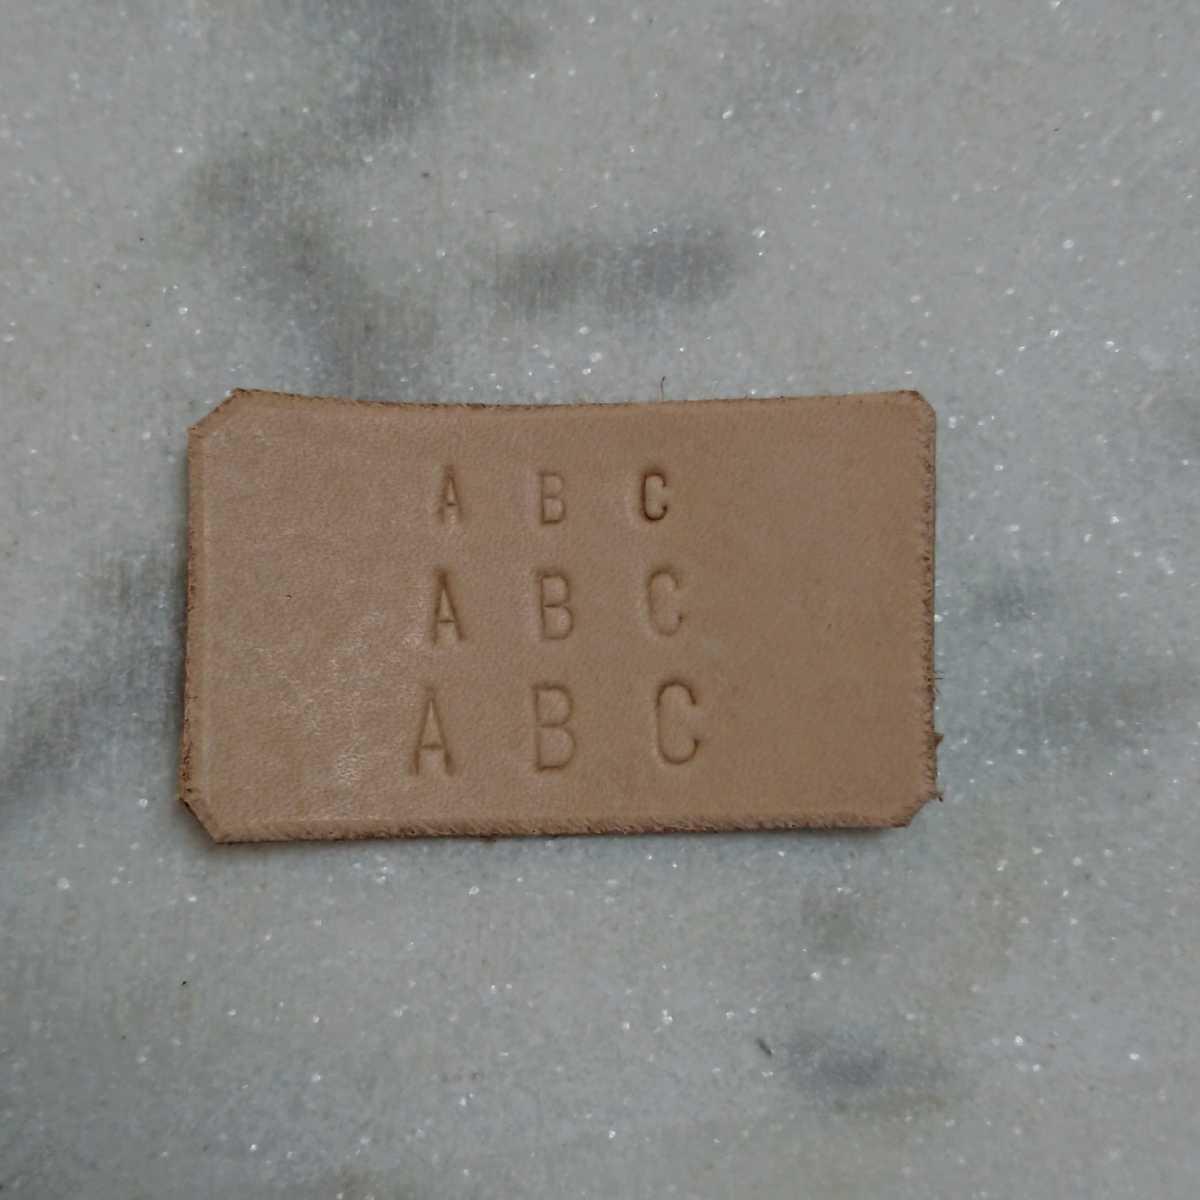 レザークラフト・アクセサリー用 刻印 アルファベット 4㎜